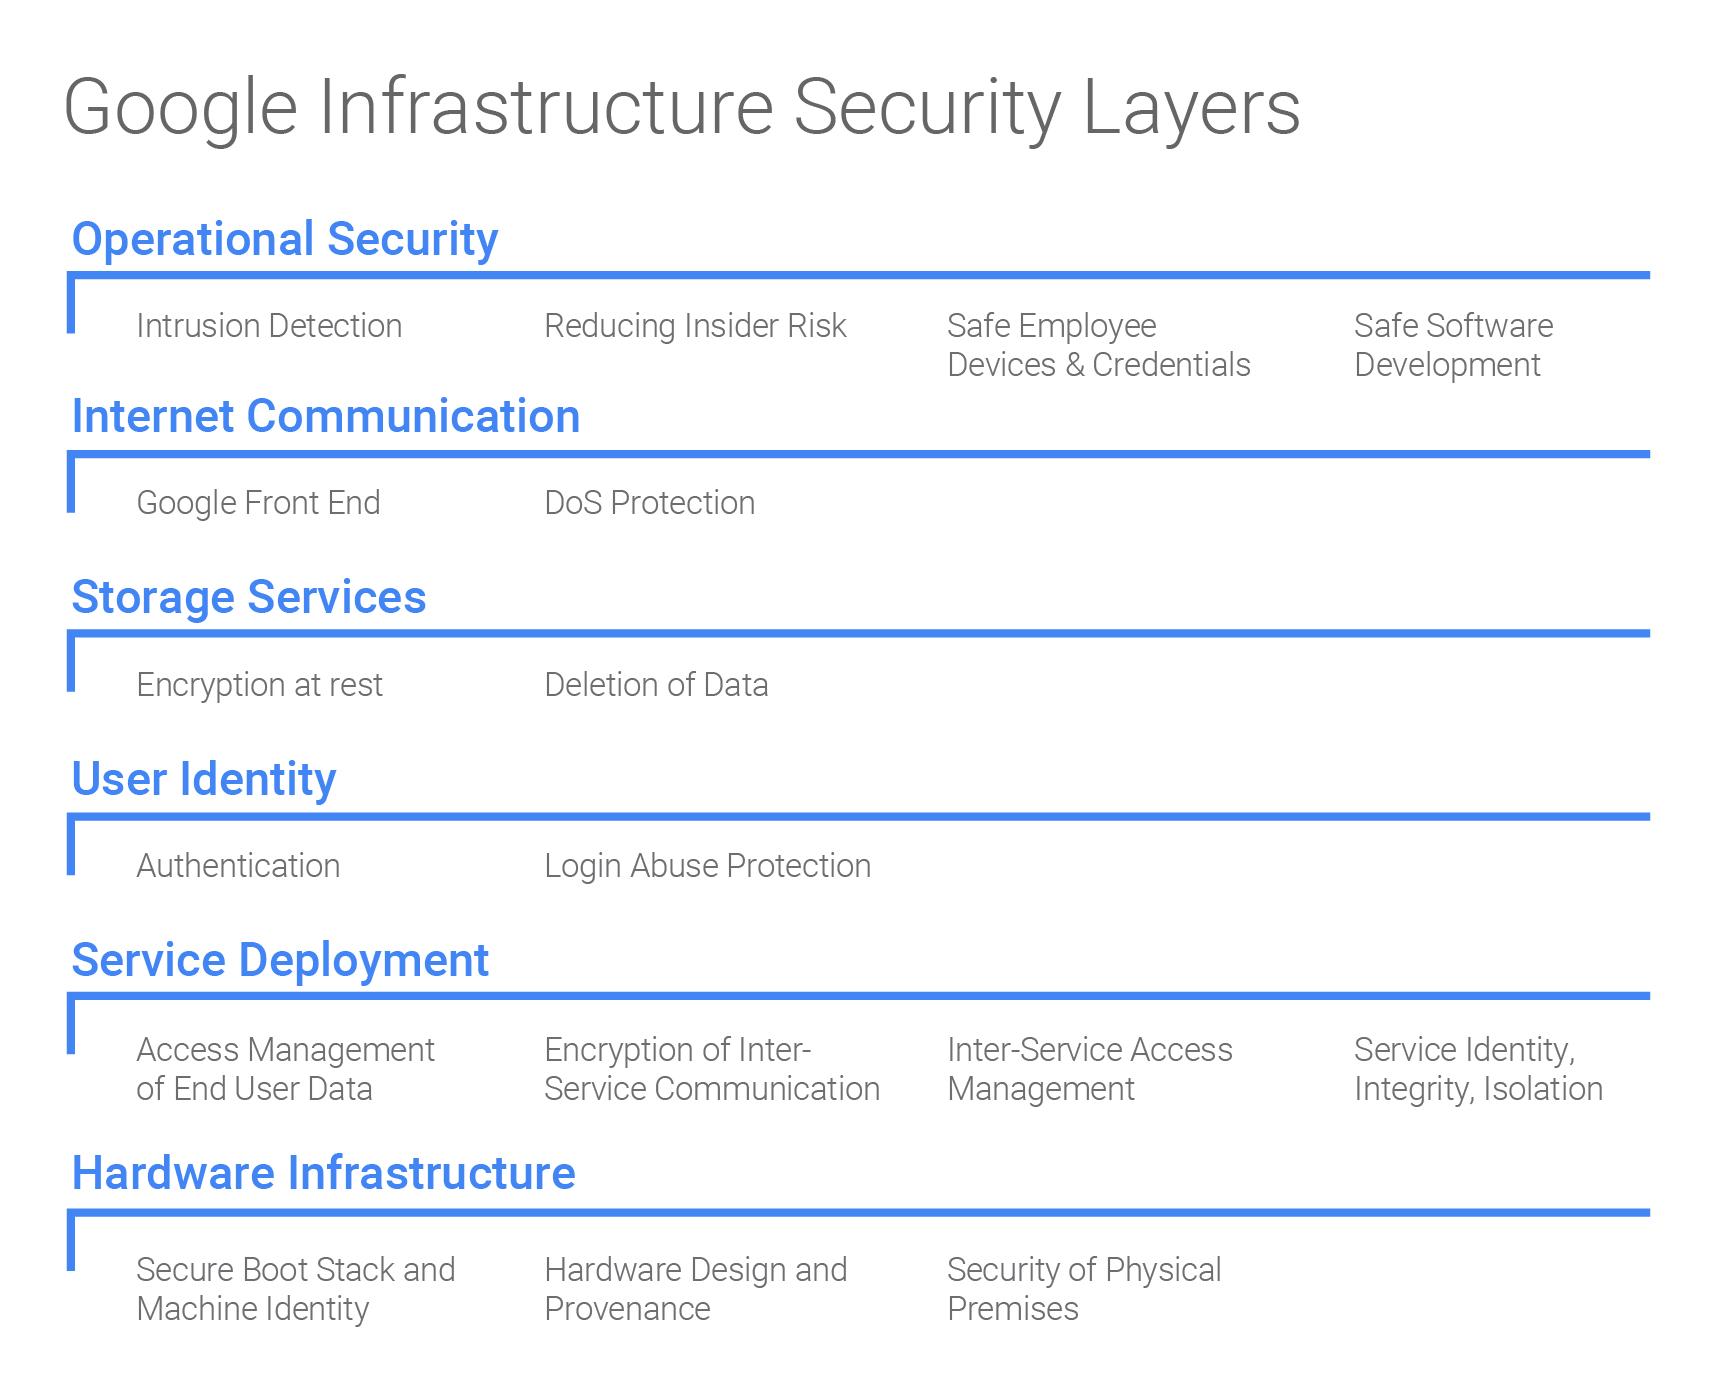 Les couches de sécurité comprennent la sécurité opérationnelle, la communication Internet, les services de stockage, l'identité des utilisateurs, le déploiement de services et l'infrastructure matérielle.